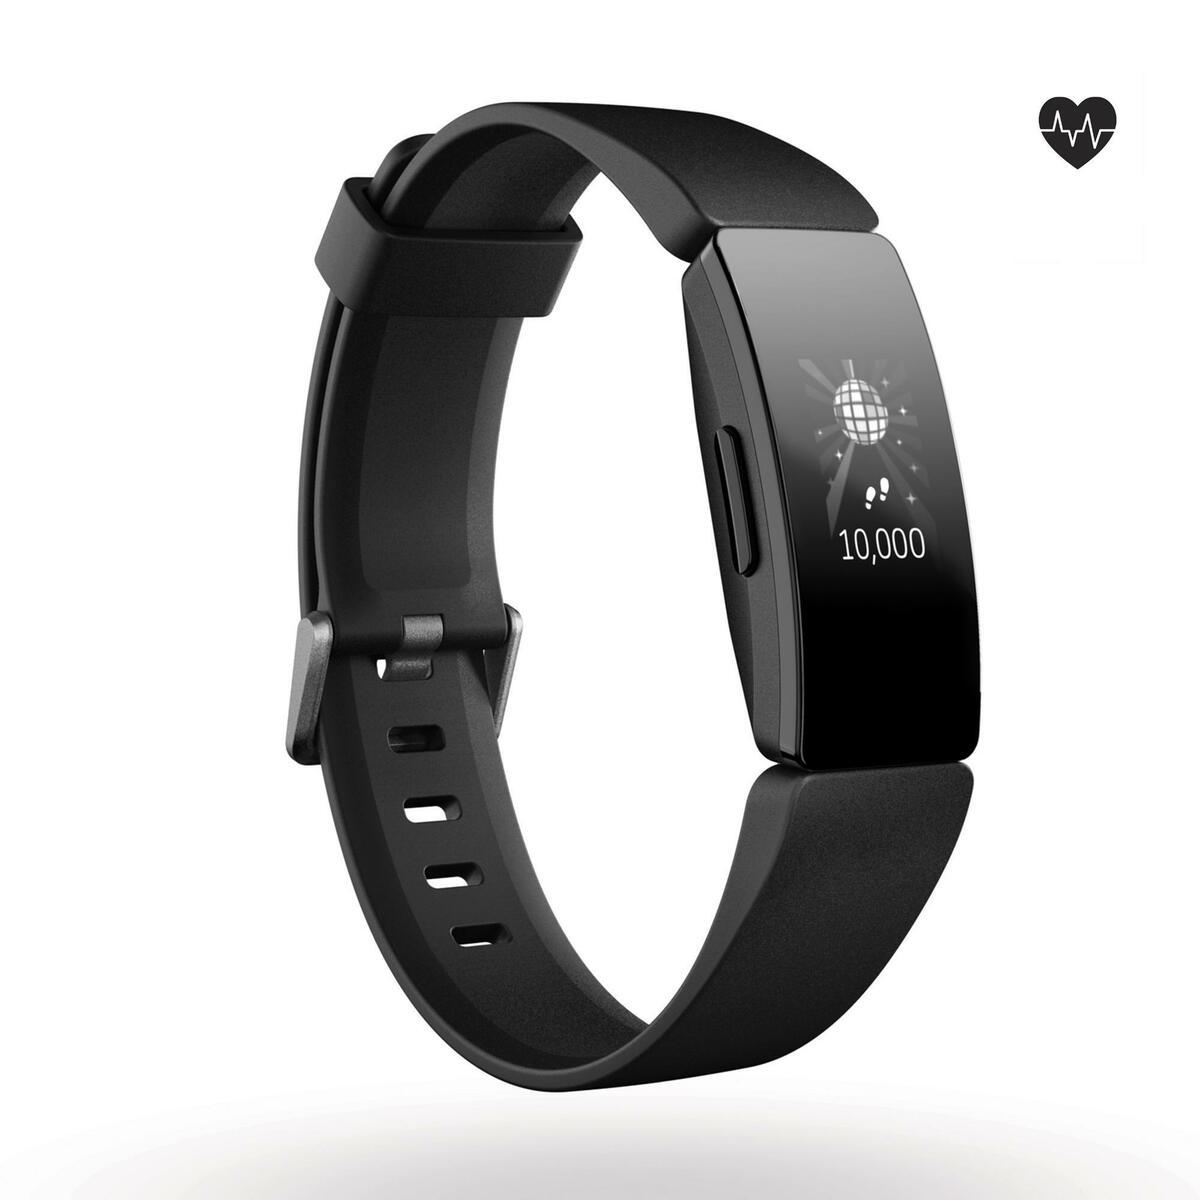 Bild 1 von Fitnessarmband Inspire HR mit Herzfrequenzmessung am Handgelenk schwarz